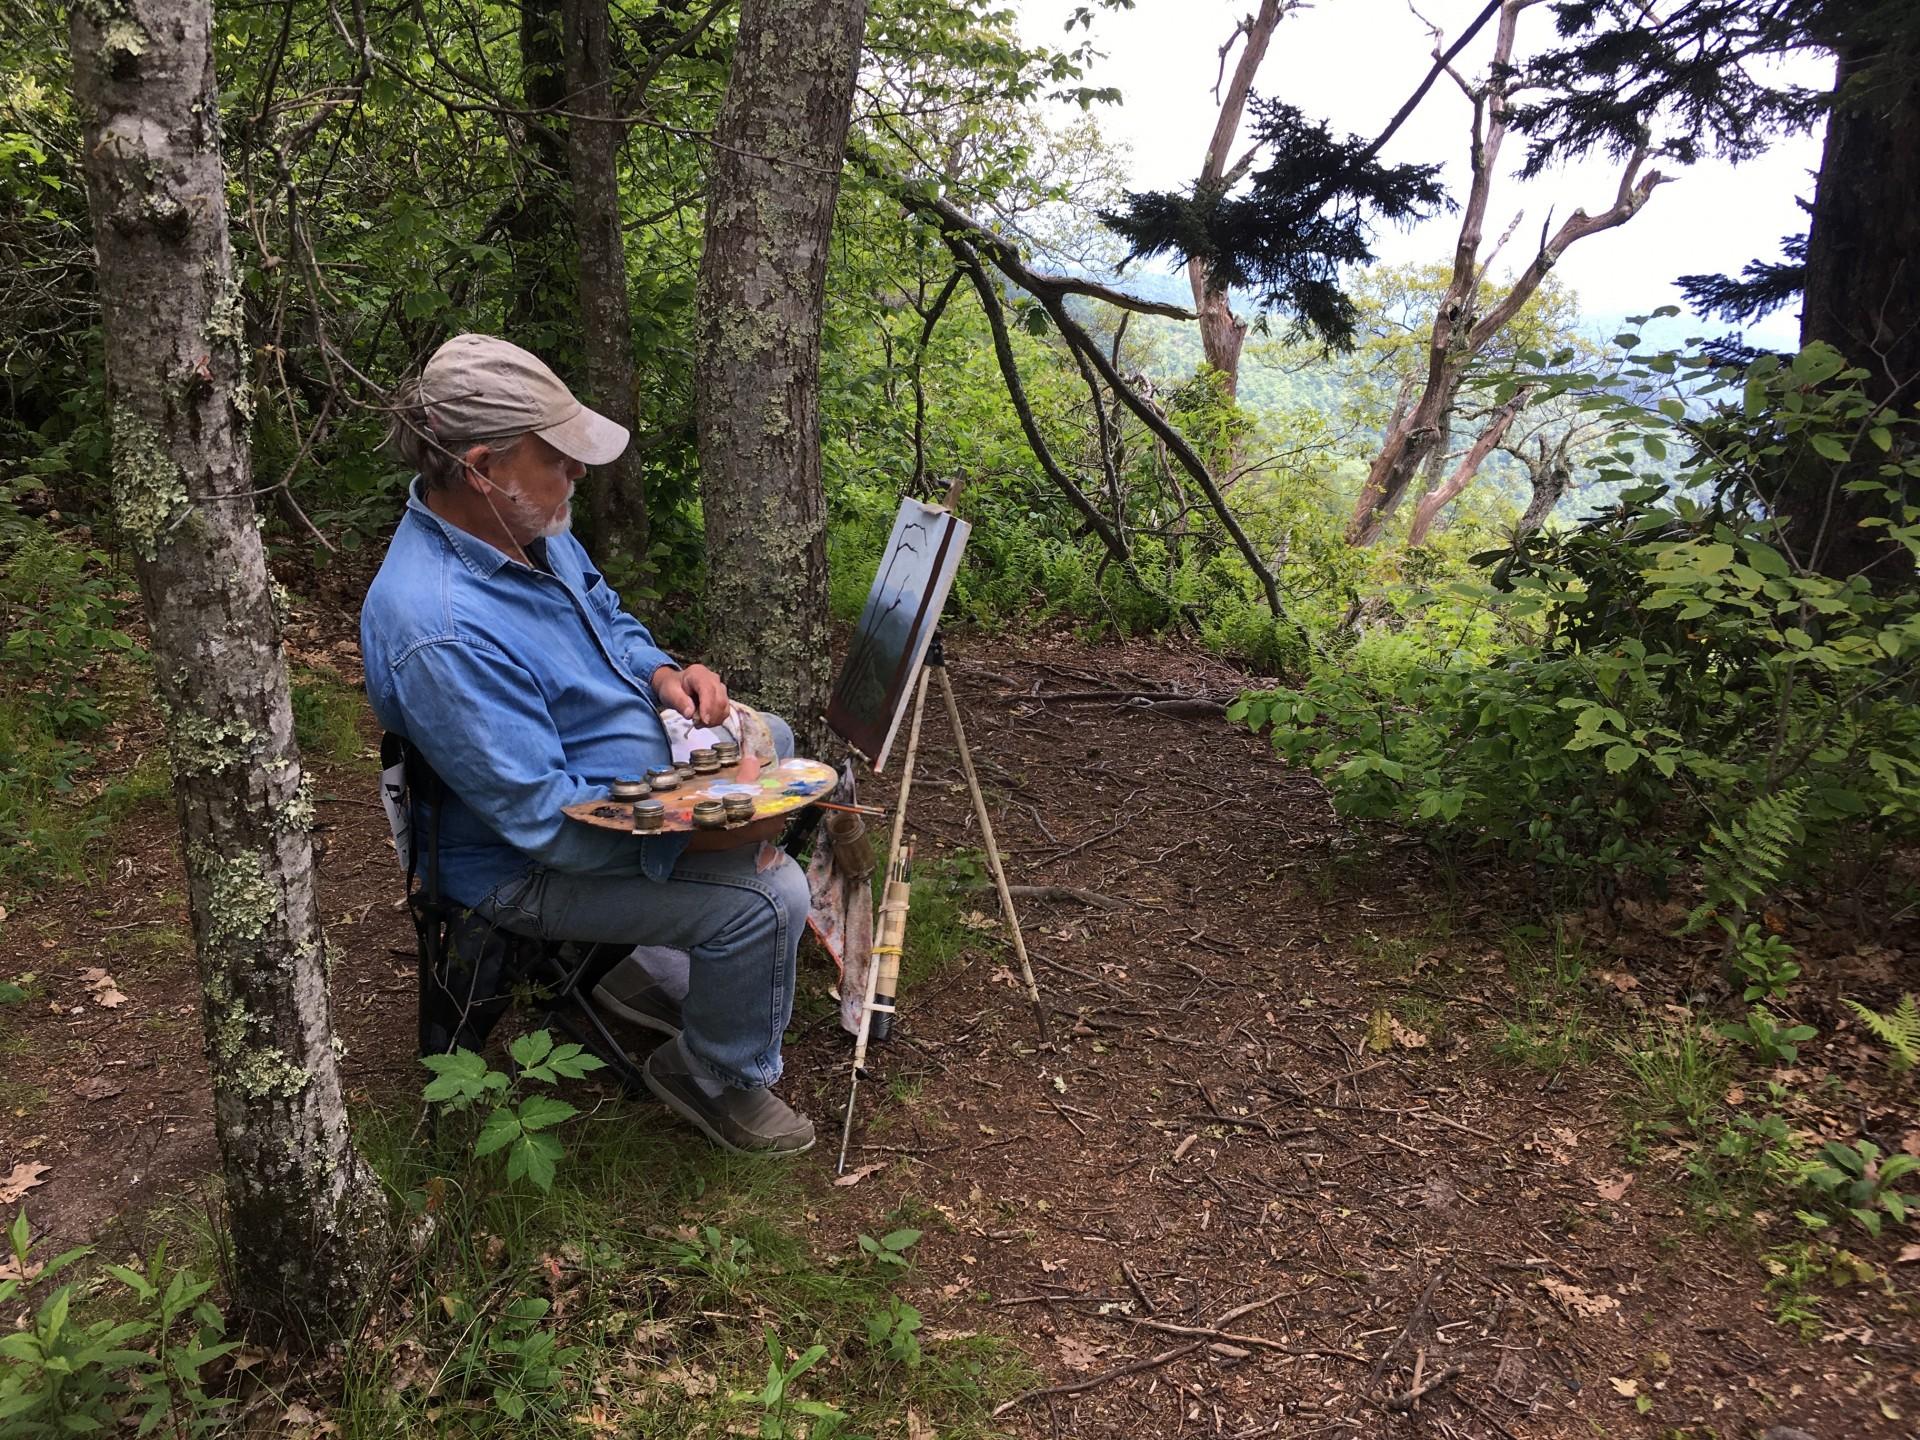 John Mac Kah painting in nature.